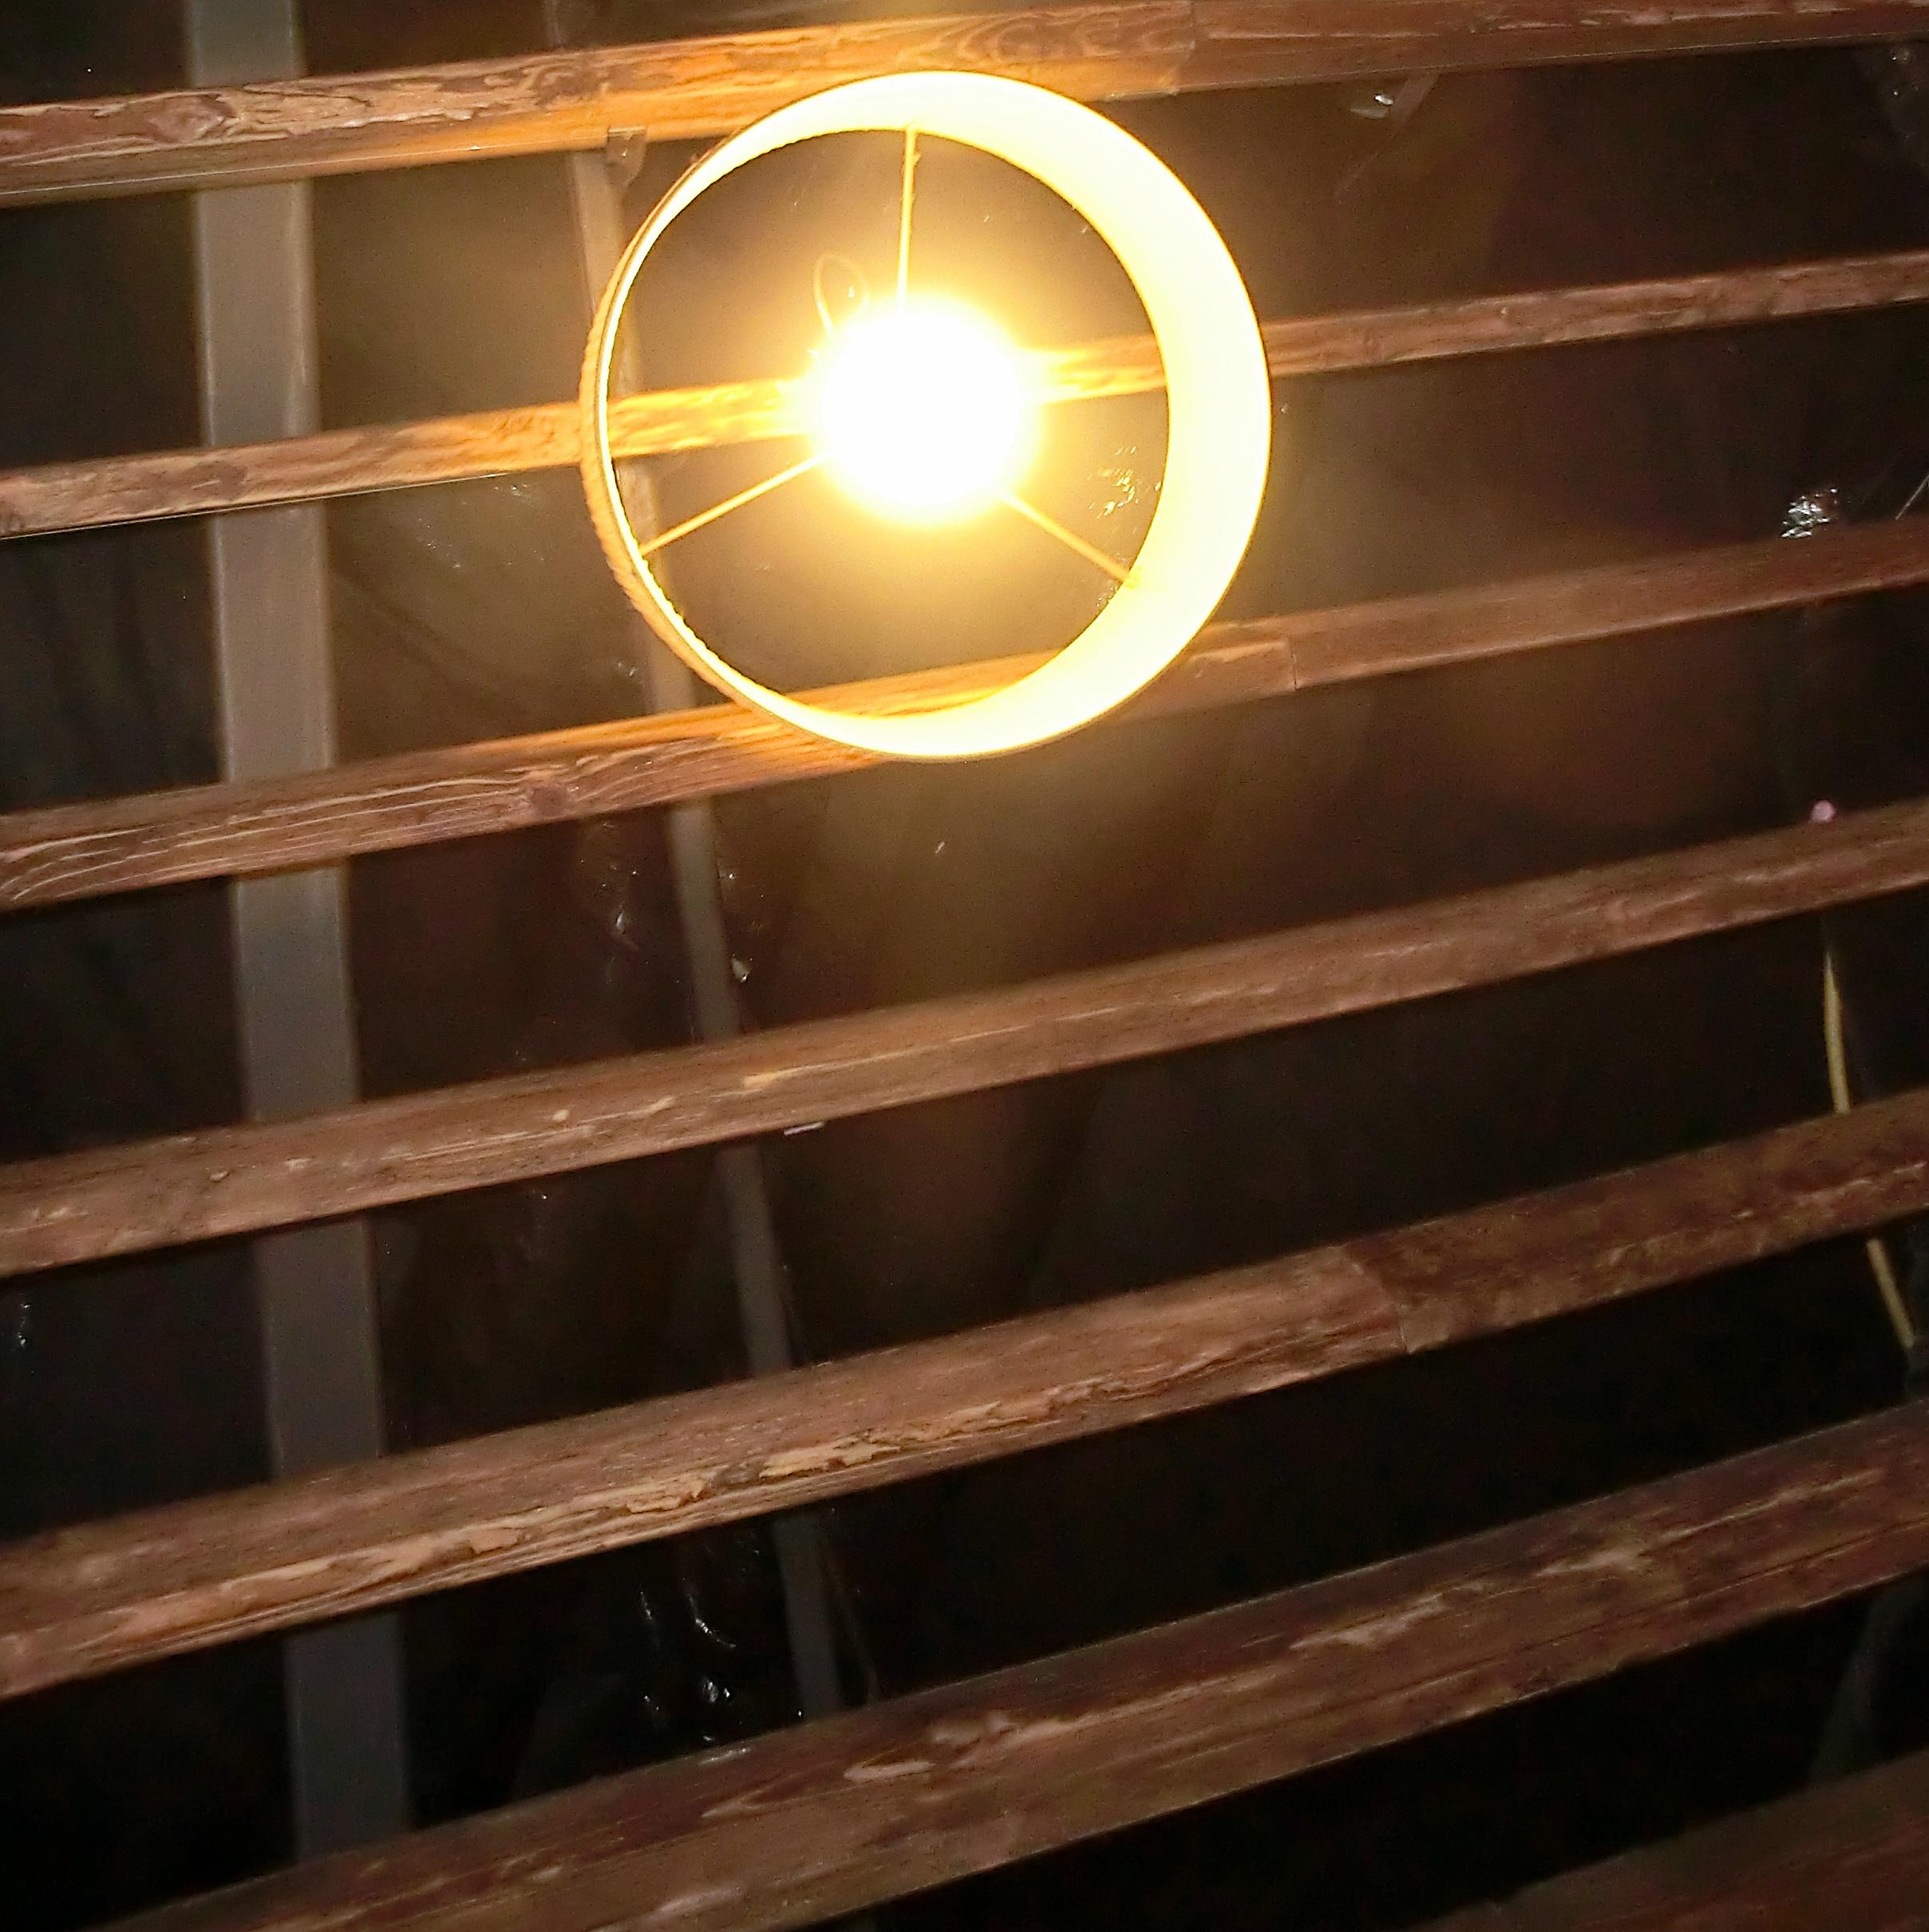 האור שמאיר עלי2  יהודית רביץ-